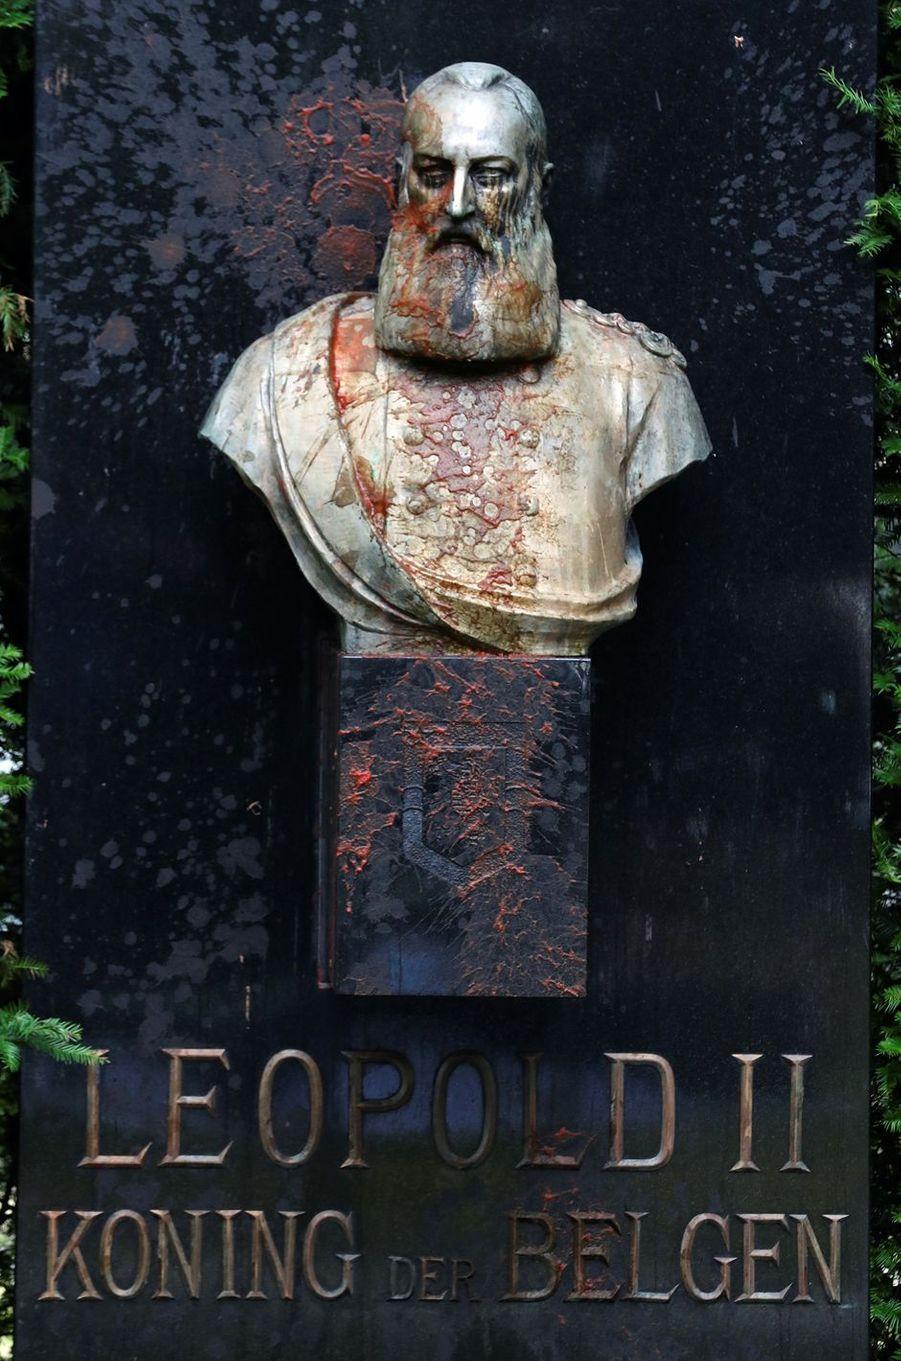 La statue du roi des Belges Léopold II à Gand vandalisée, le 11 juin 2020